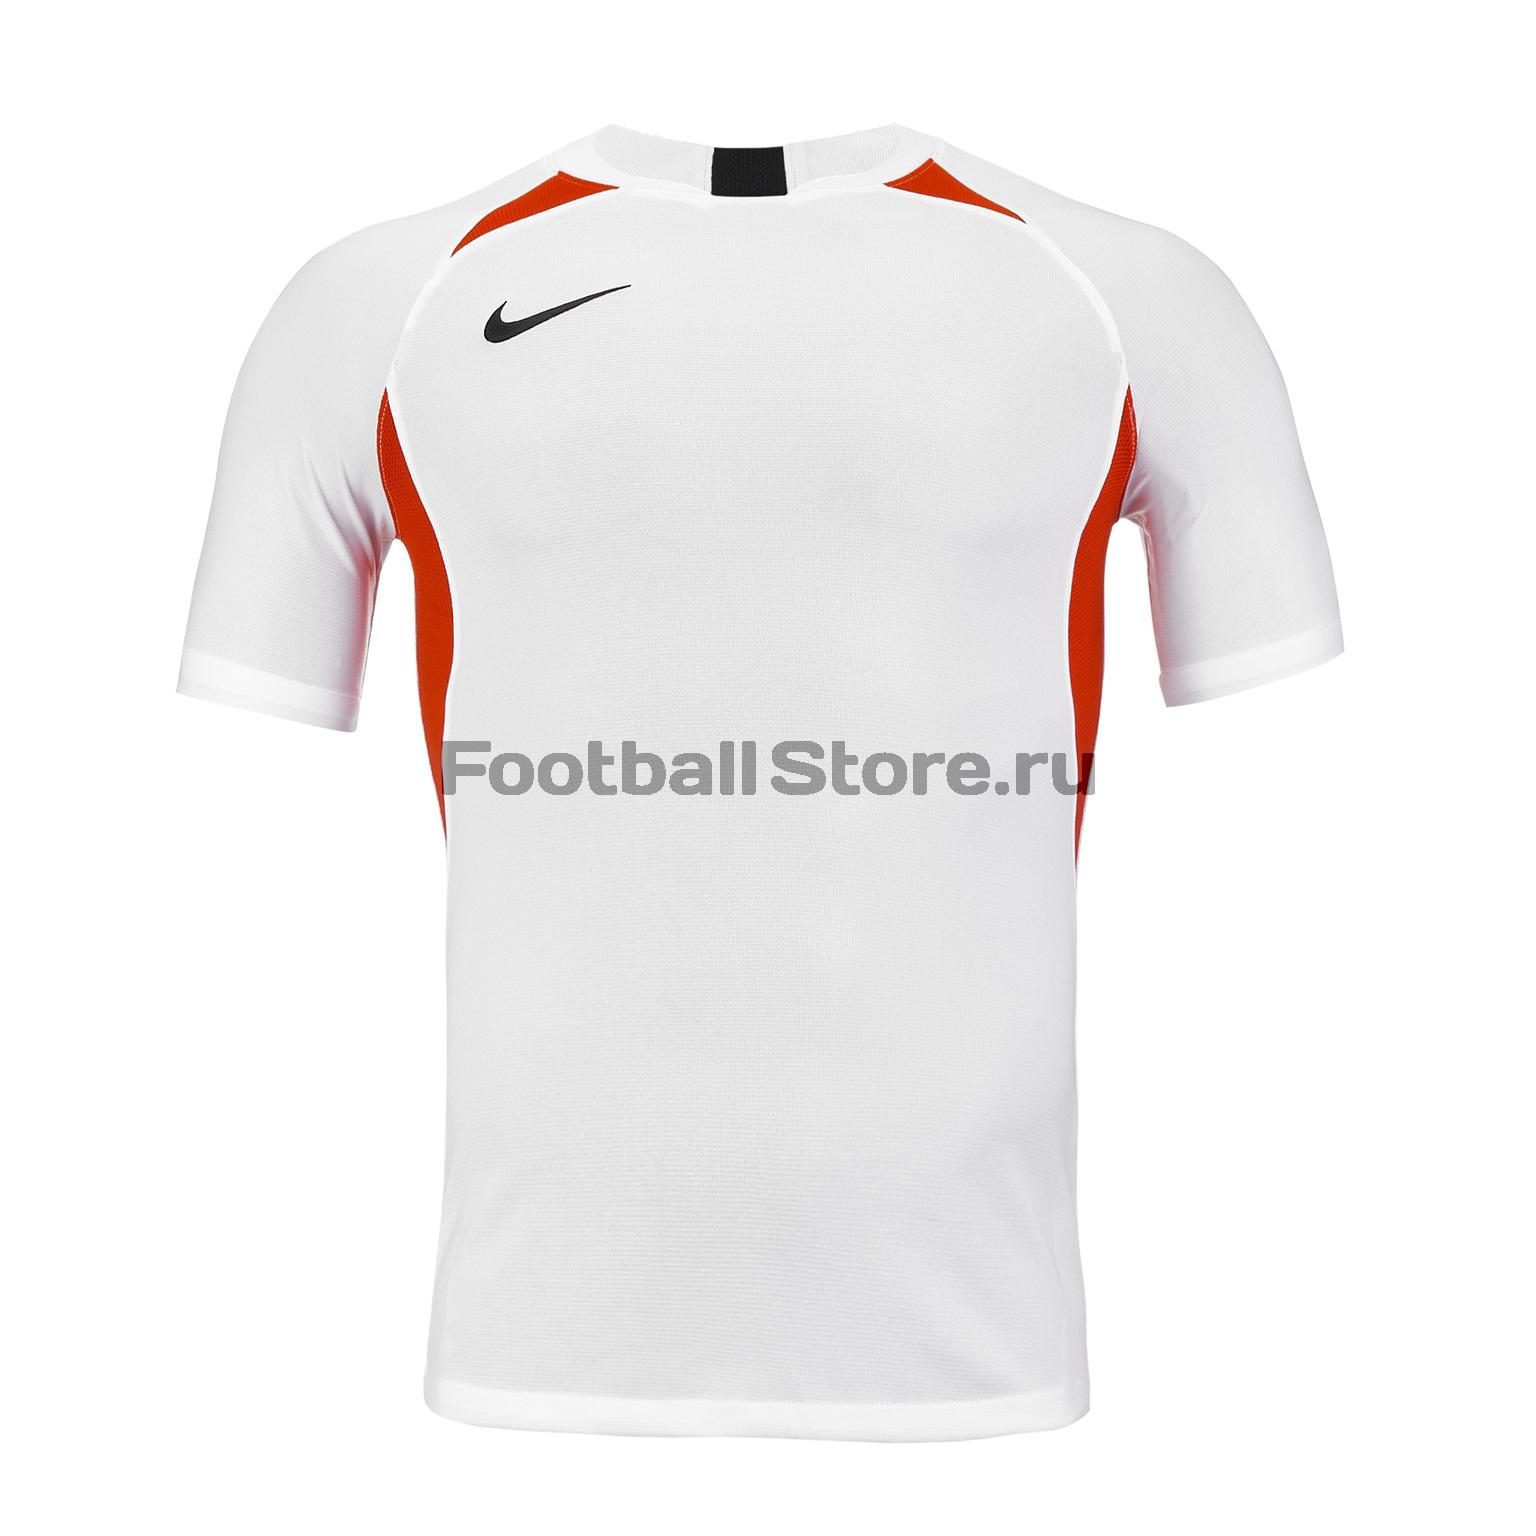 Футболка игровая Nike Dry Legend JSY SS AJ0998-101 цена и фото